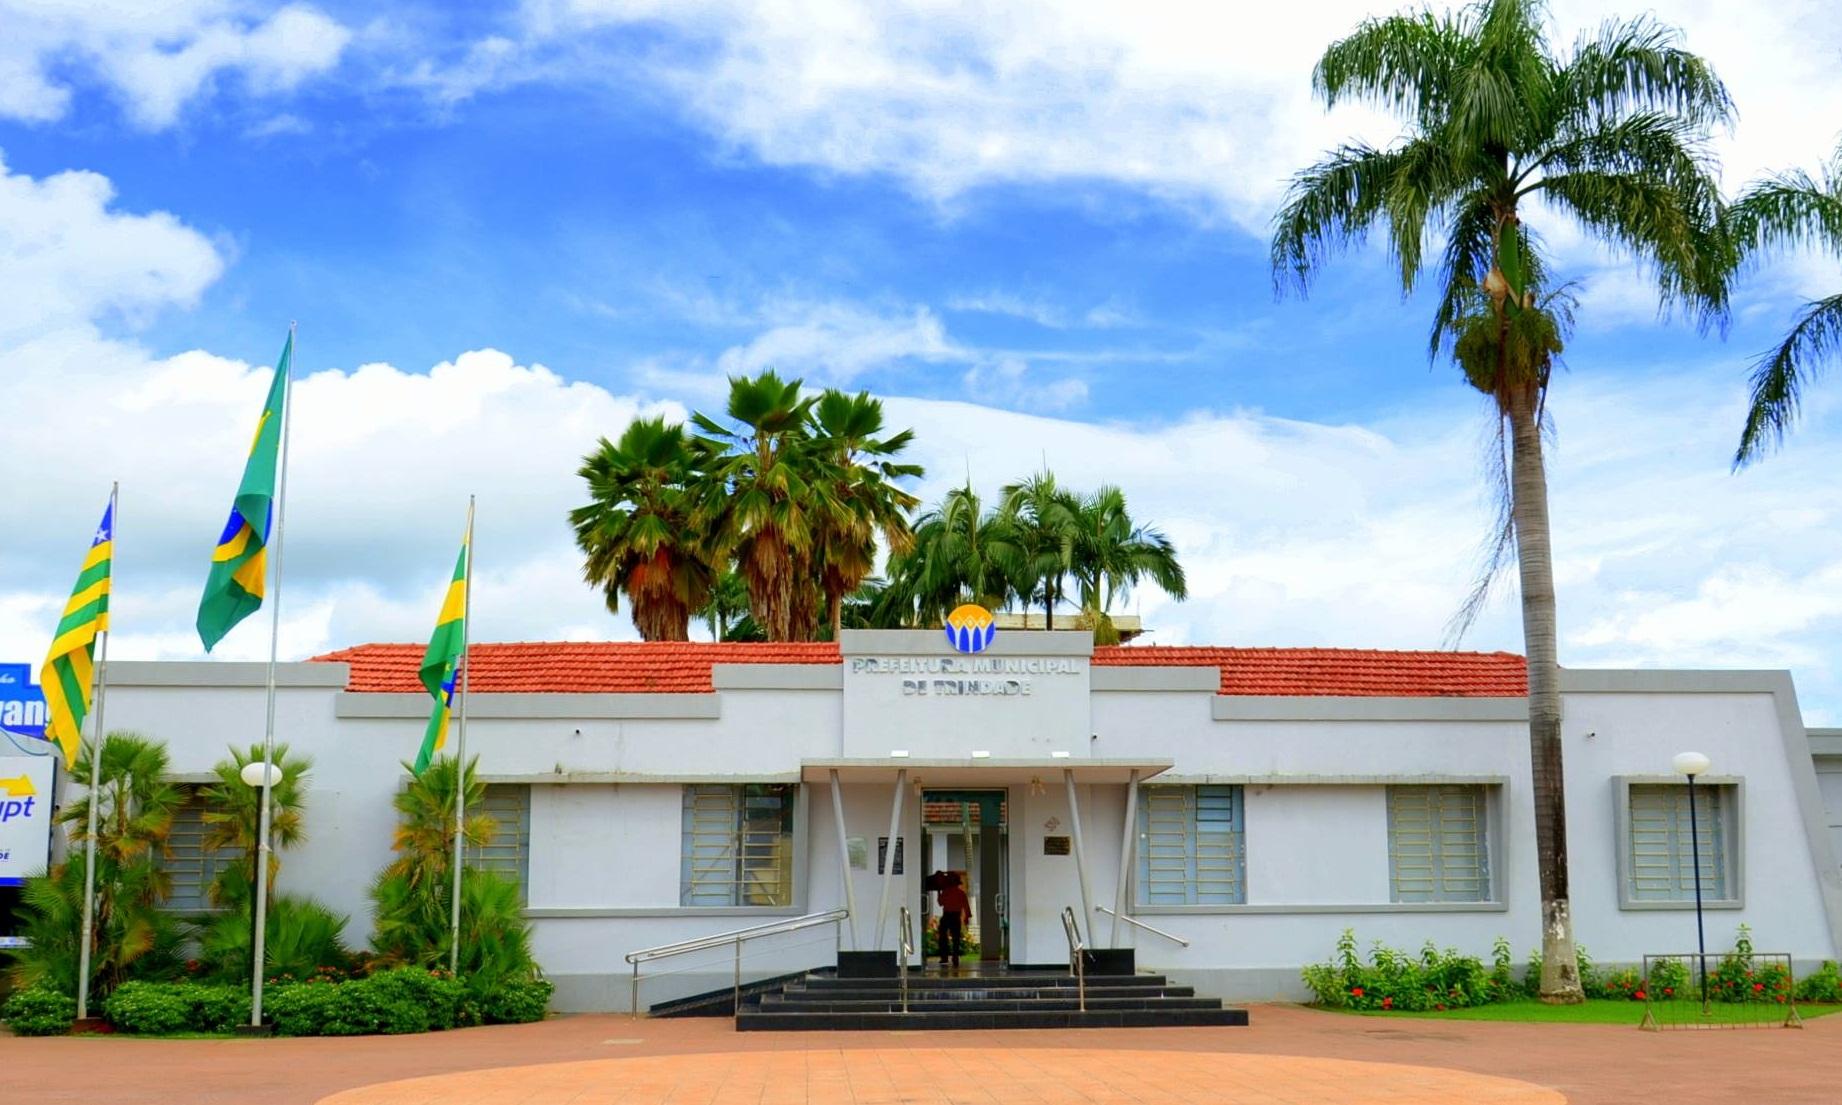 Divulgação/Facebook/Prefeitura de Trindade